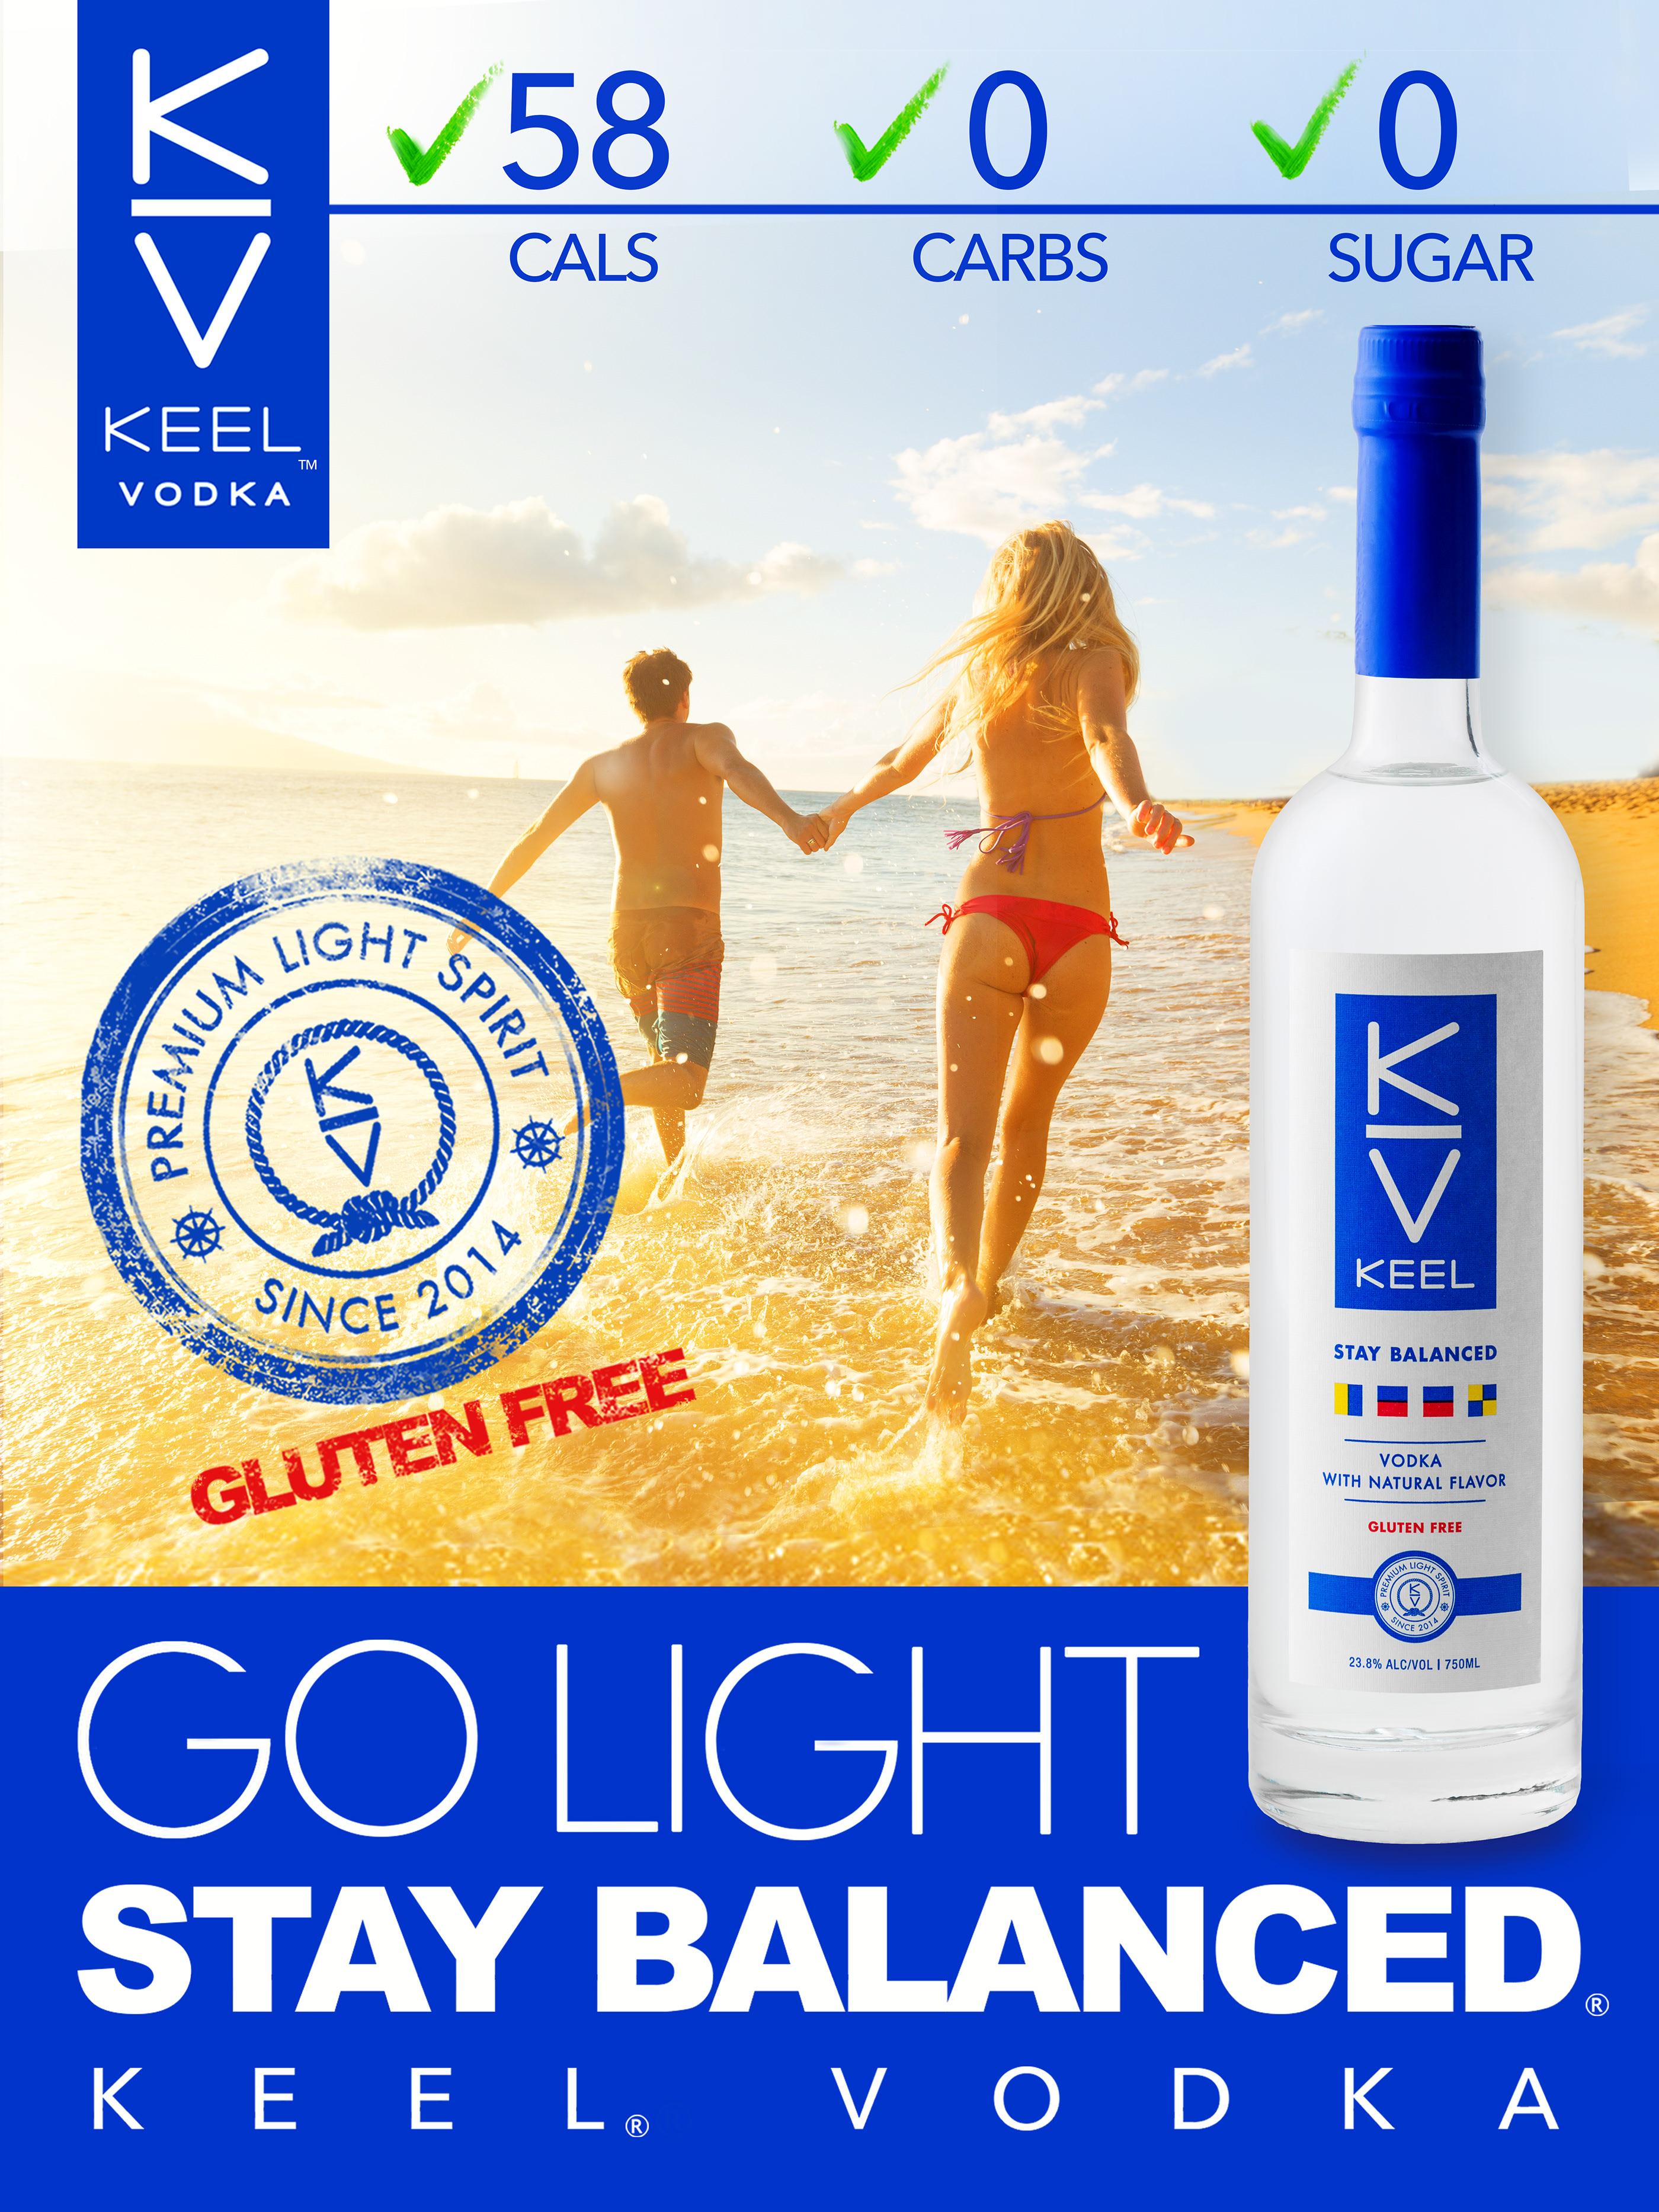 Keel Vodka Campaign on Behance